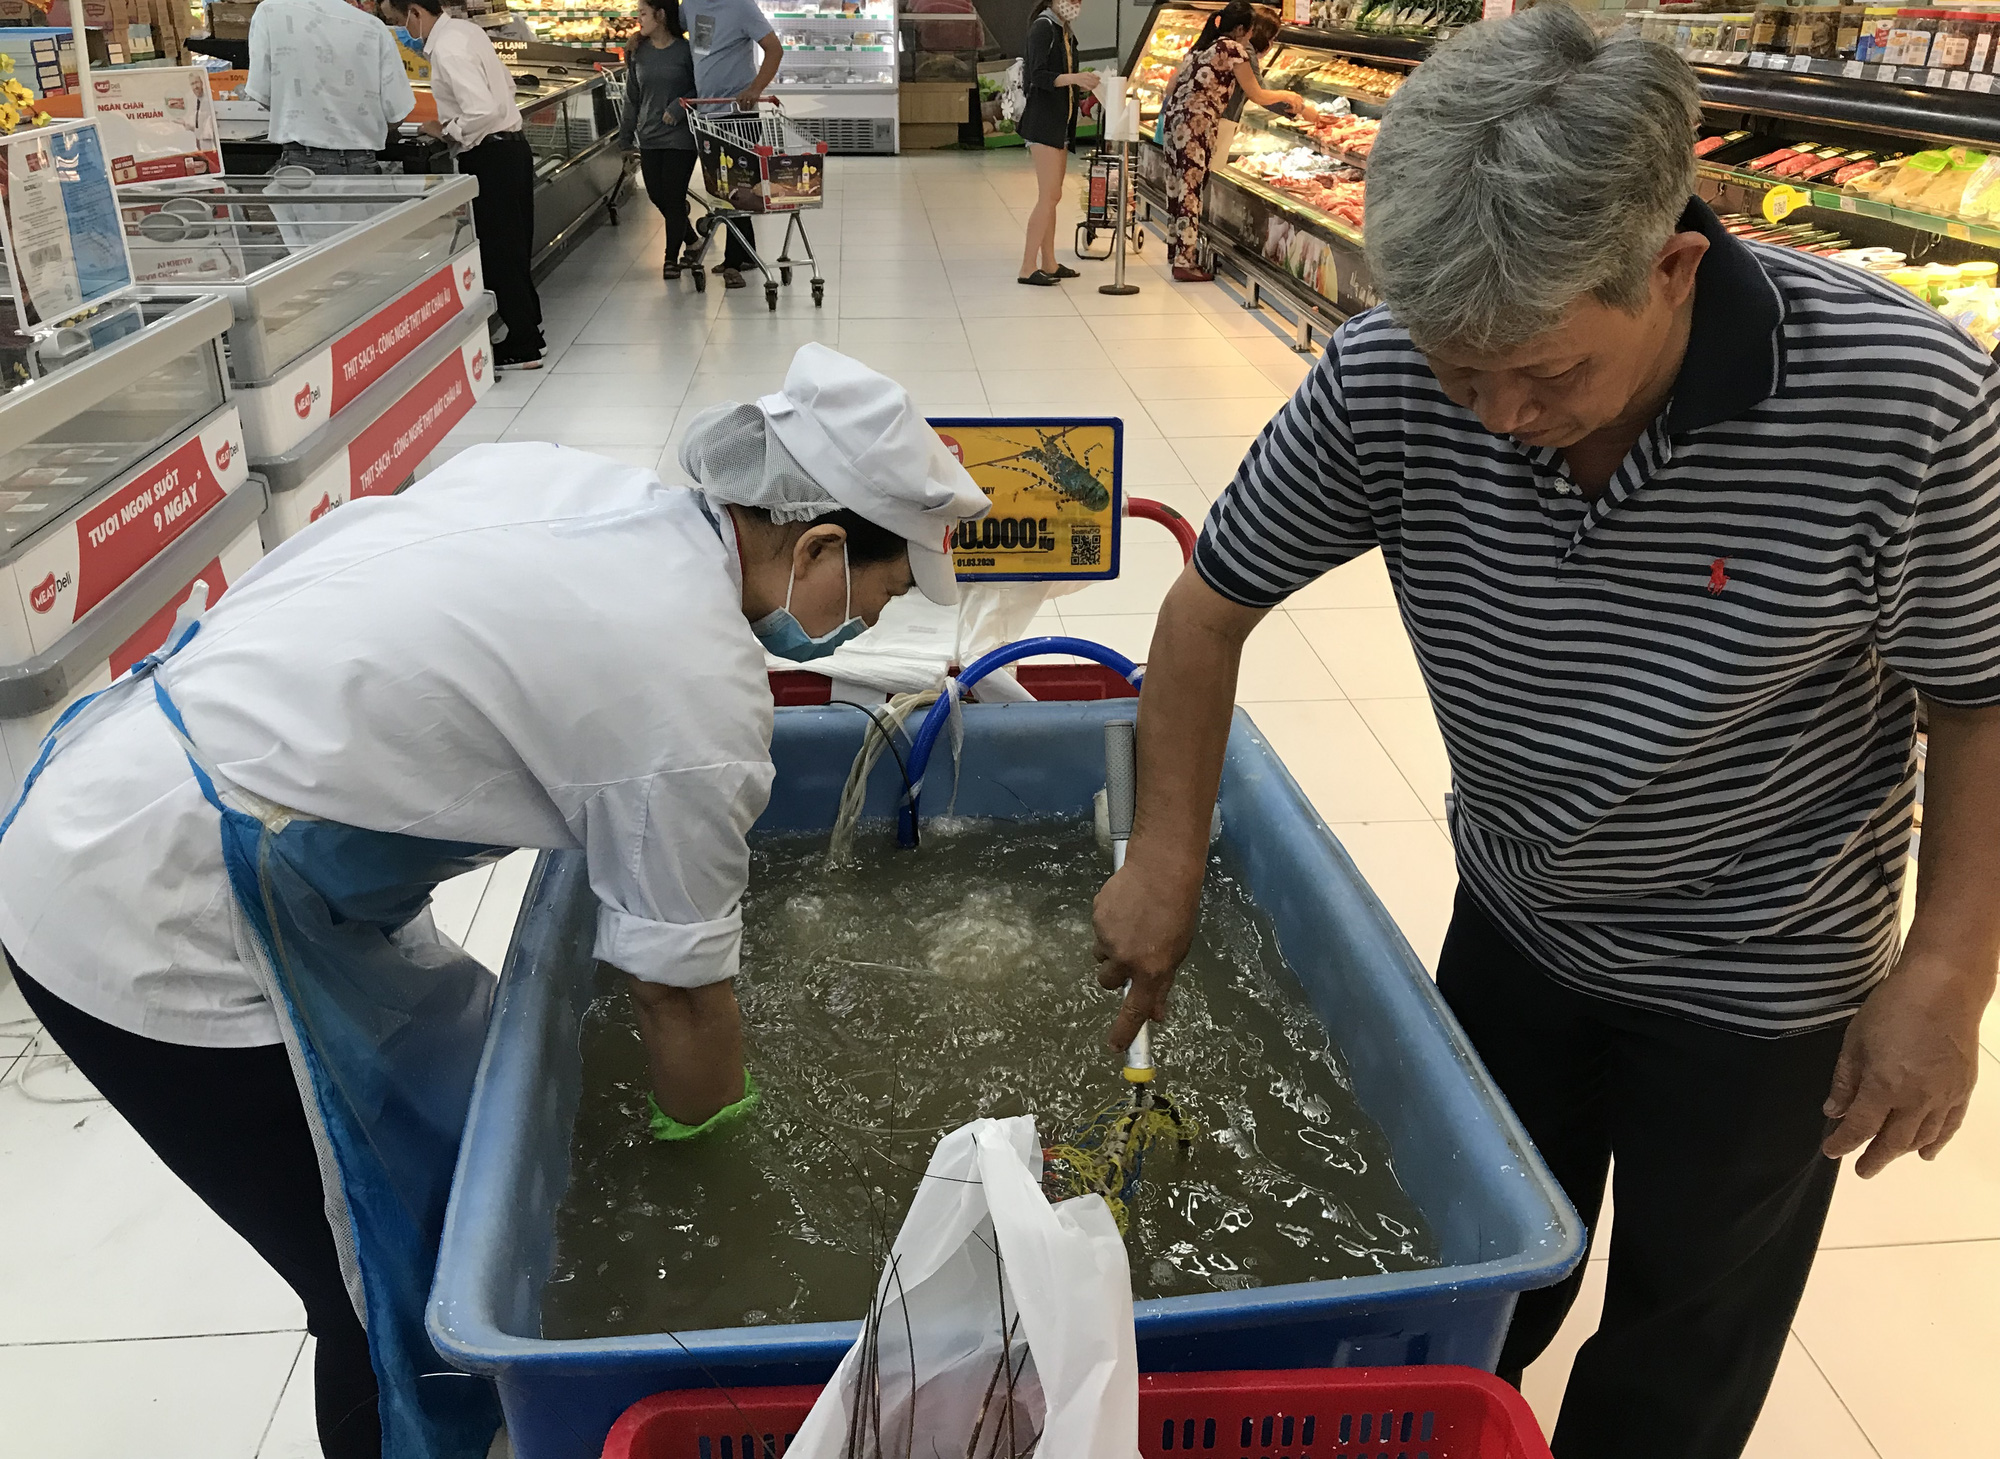 Cận cảnh giải cứu tôm hùm ở Sài Gòn, mới 9h sáng đã hết sạch, có siêu thị chế biến miễn phí cho khách ngay tại chỗ - Ảnh 7.